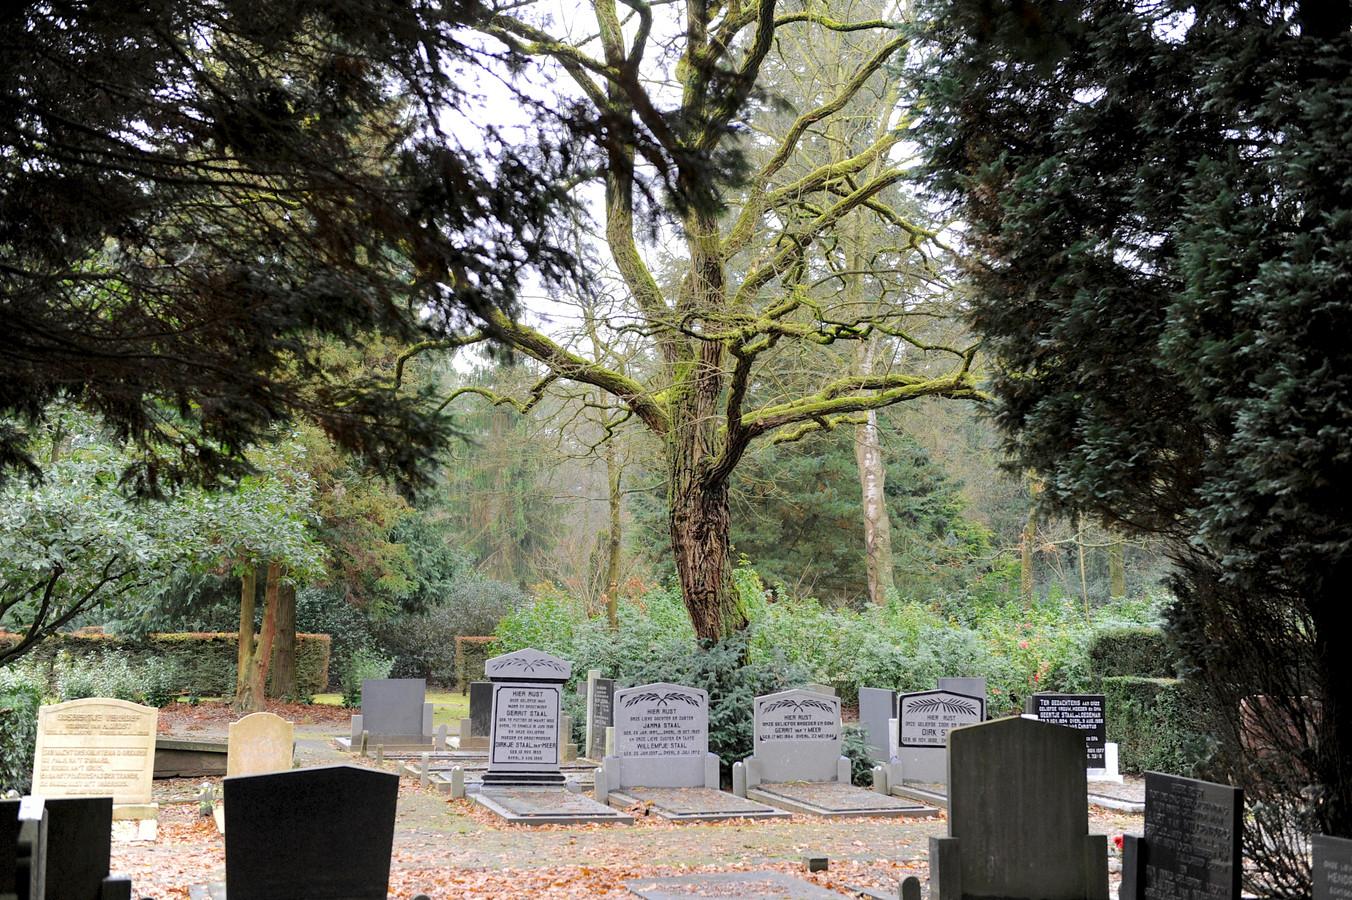 Op begraafplaats Koningsvaren in Ermelo kan je nu makkelijker het graf van je verwanten vinden, via zoekservice grafzoeken.nl.